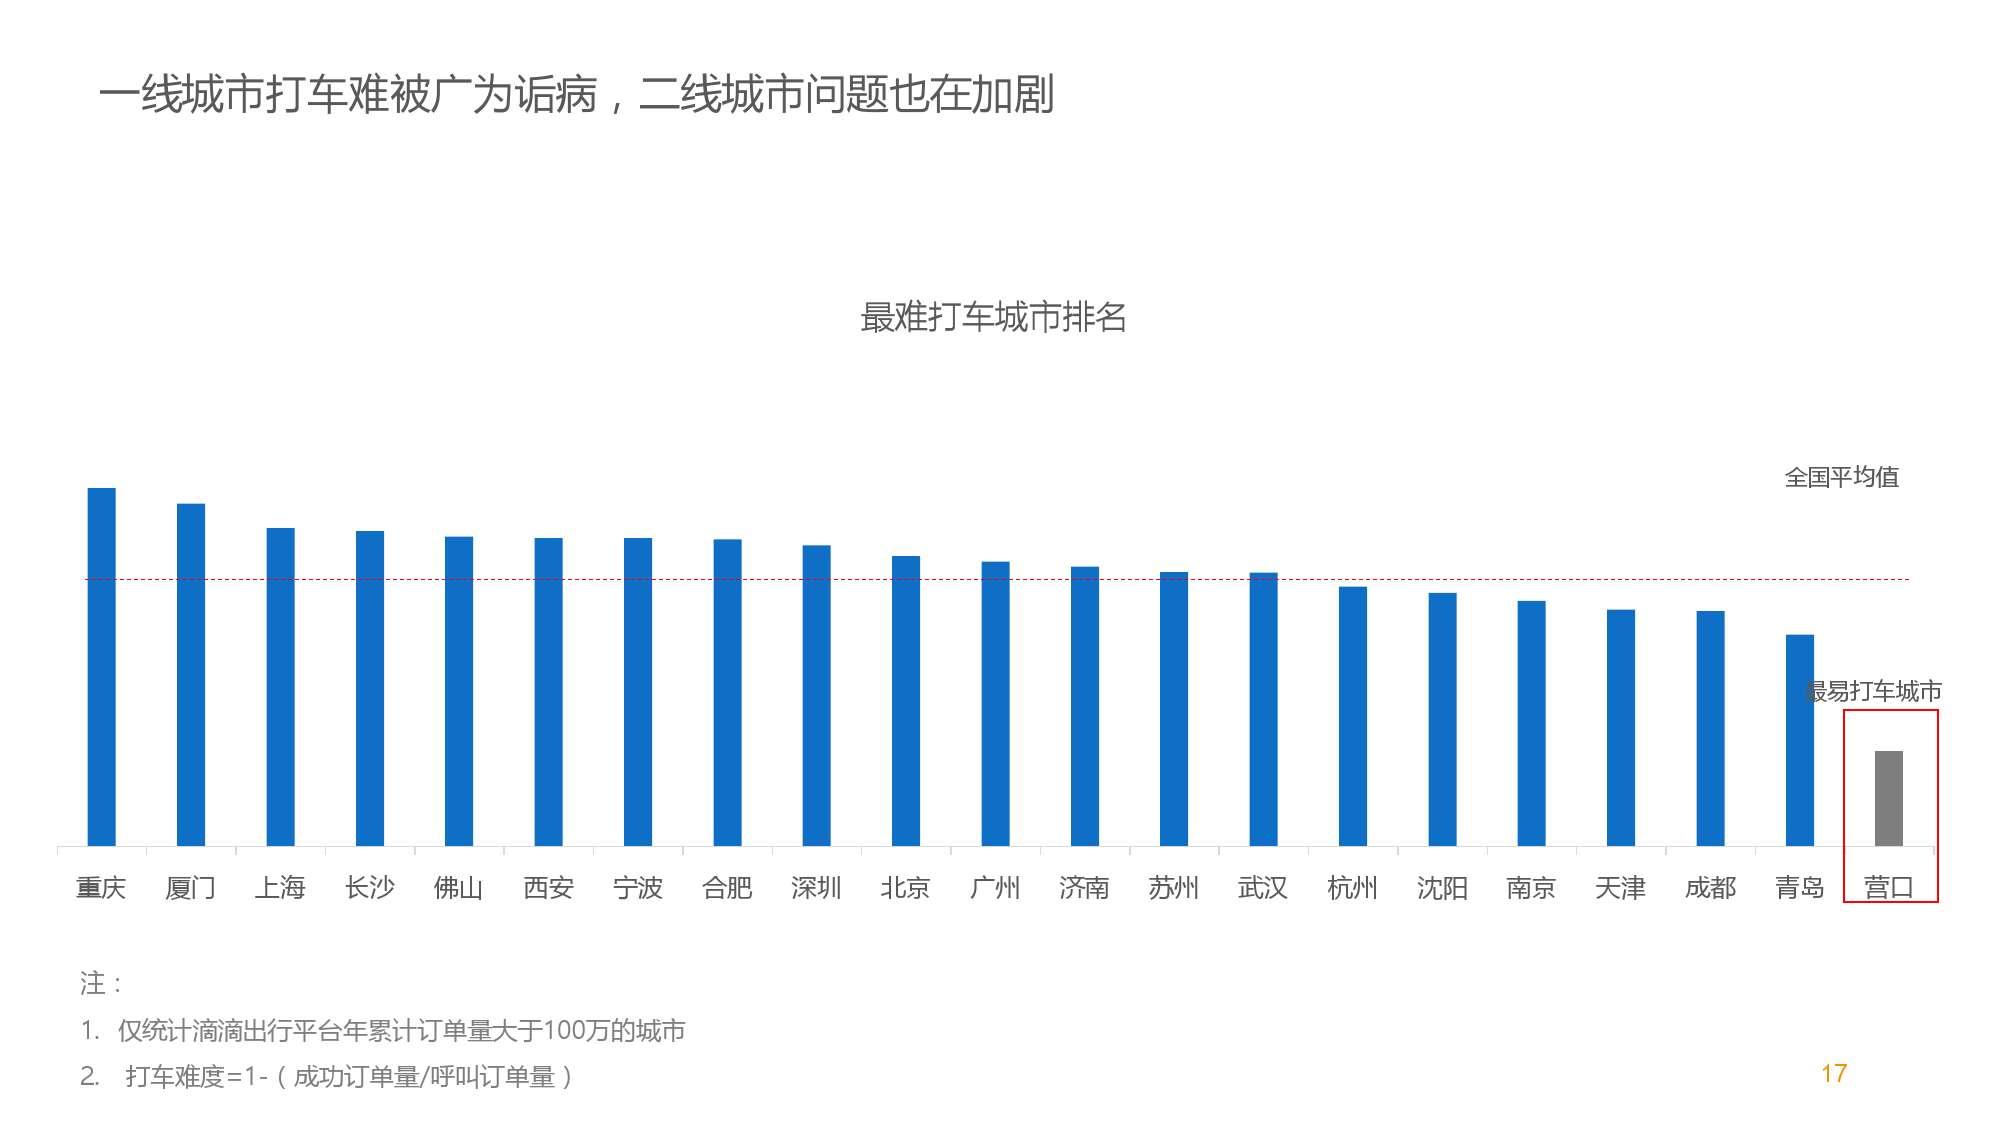 中国智能出行2015大数据报告_000017